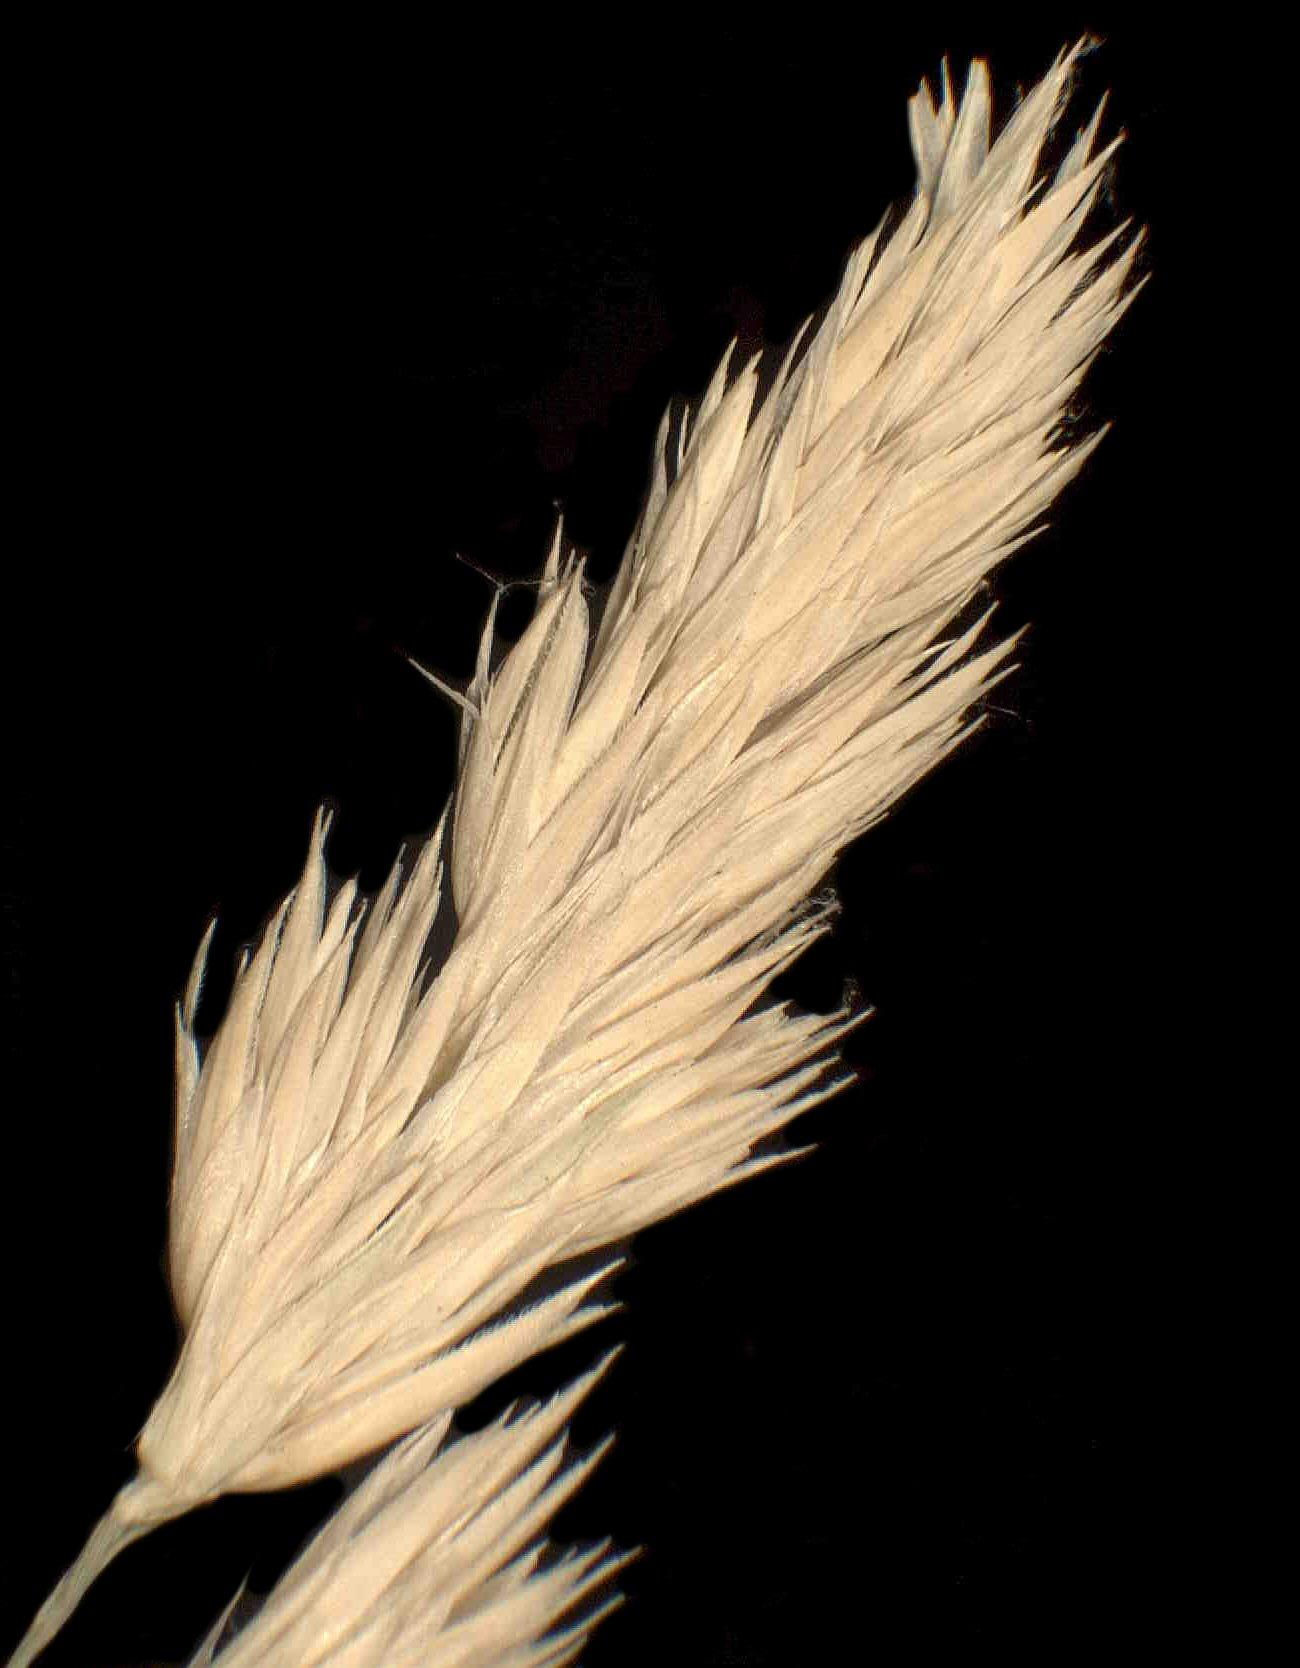 © Dipartimento di Scienze della Vita, Università degli Studi di Trieste<br>by Andrea Moro<br>Prealpi Carniche, Juf di Maniago, bosco misto di latifolie., PN, FVG, Italia, 23/11/04 0.00.00<br>Distributed under CC-BY-SA 4.0 license.